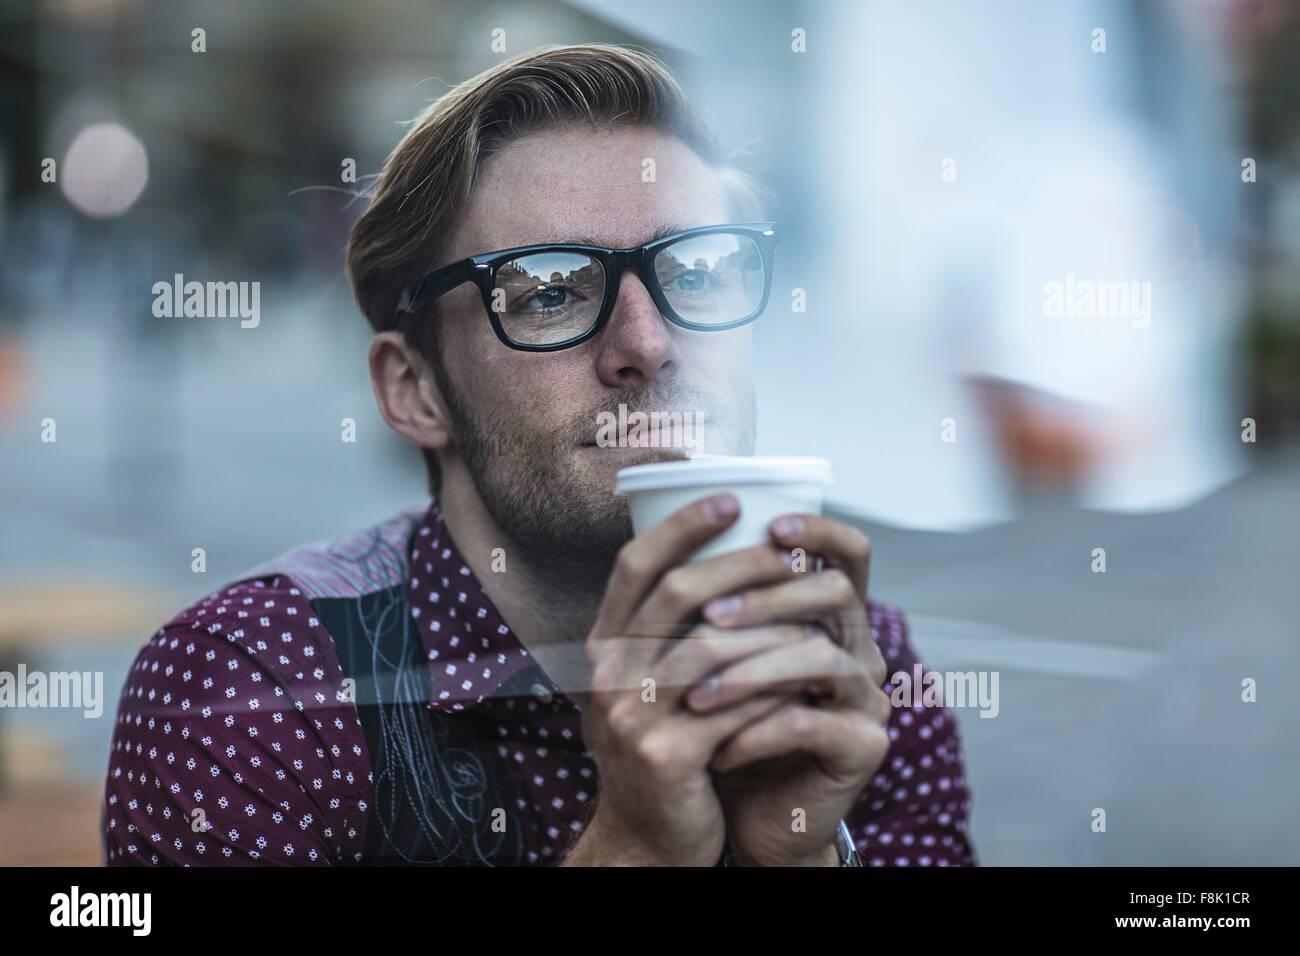 Traurig junger Geschäftsmann hinter Stadt Fenster trinken Kaffee zum mitnehmen Stockbild